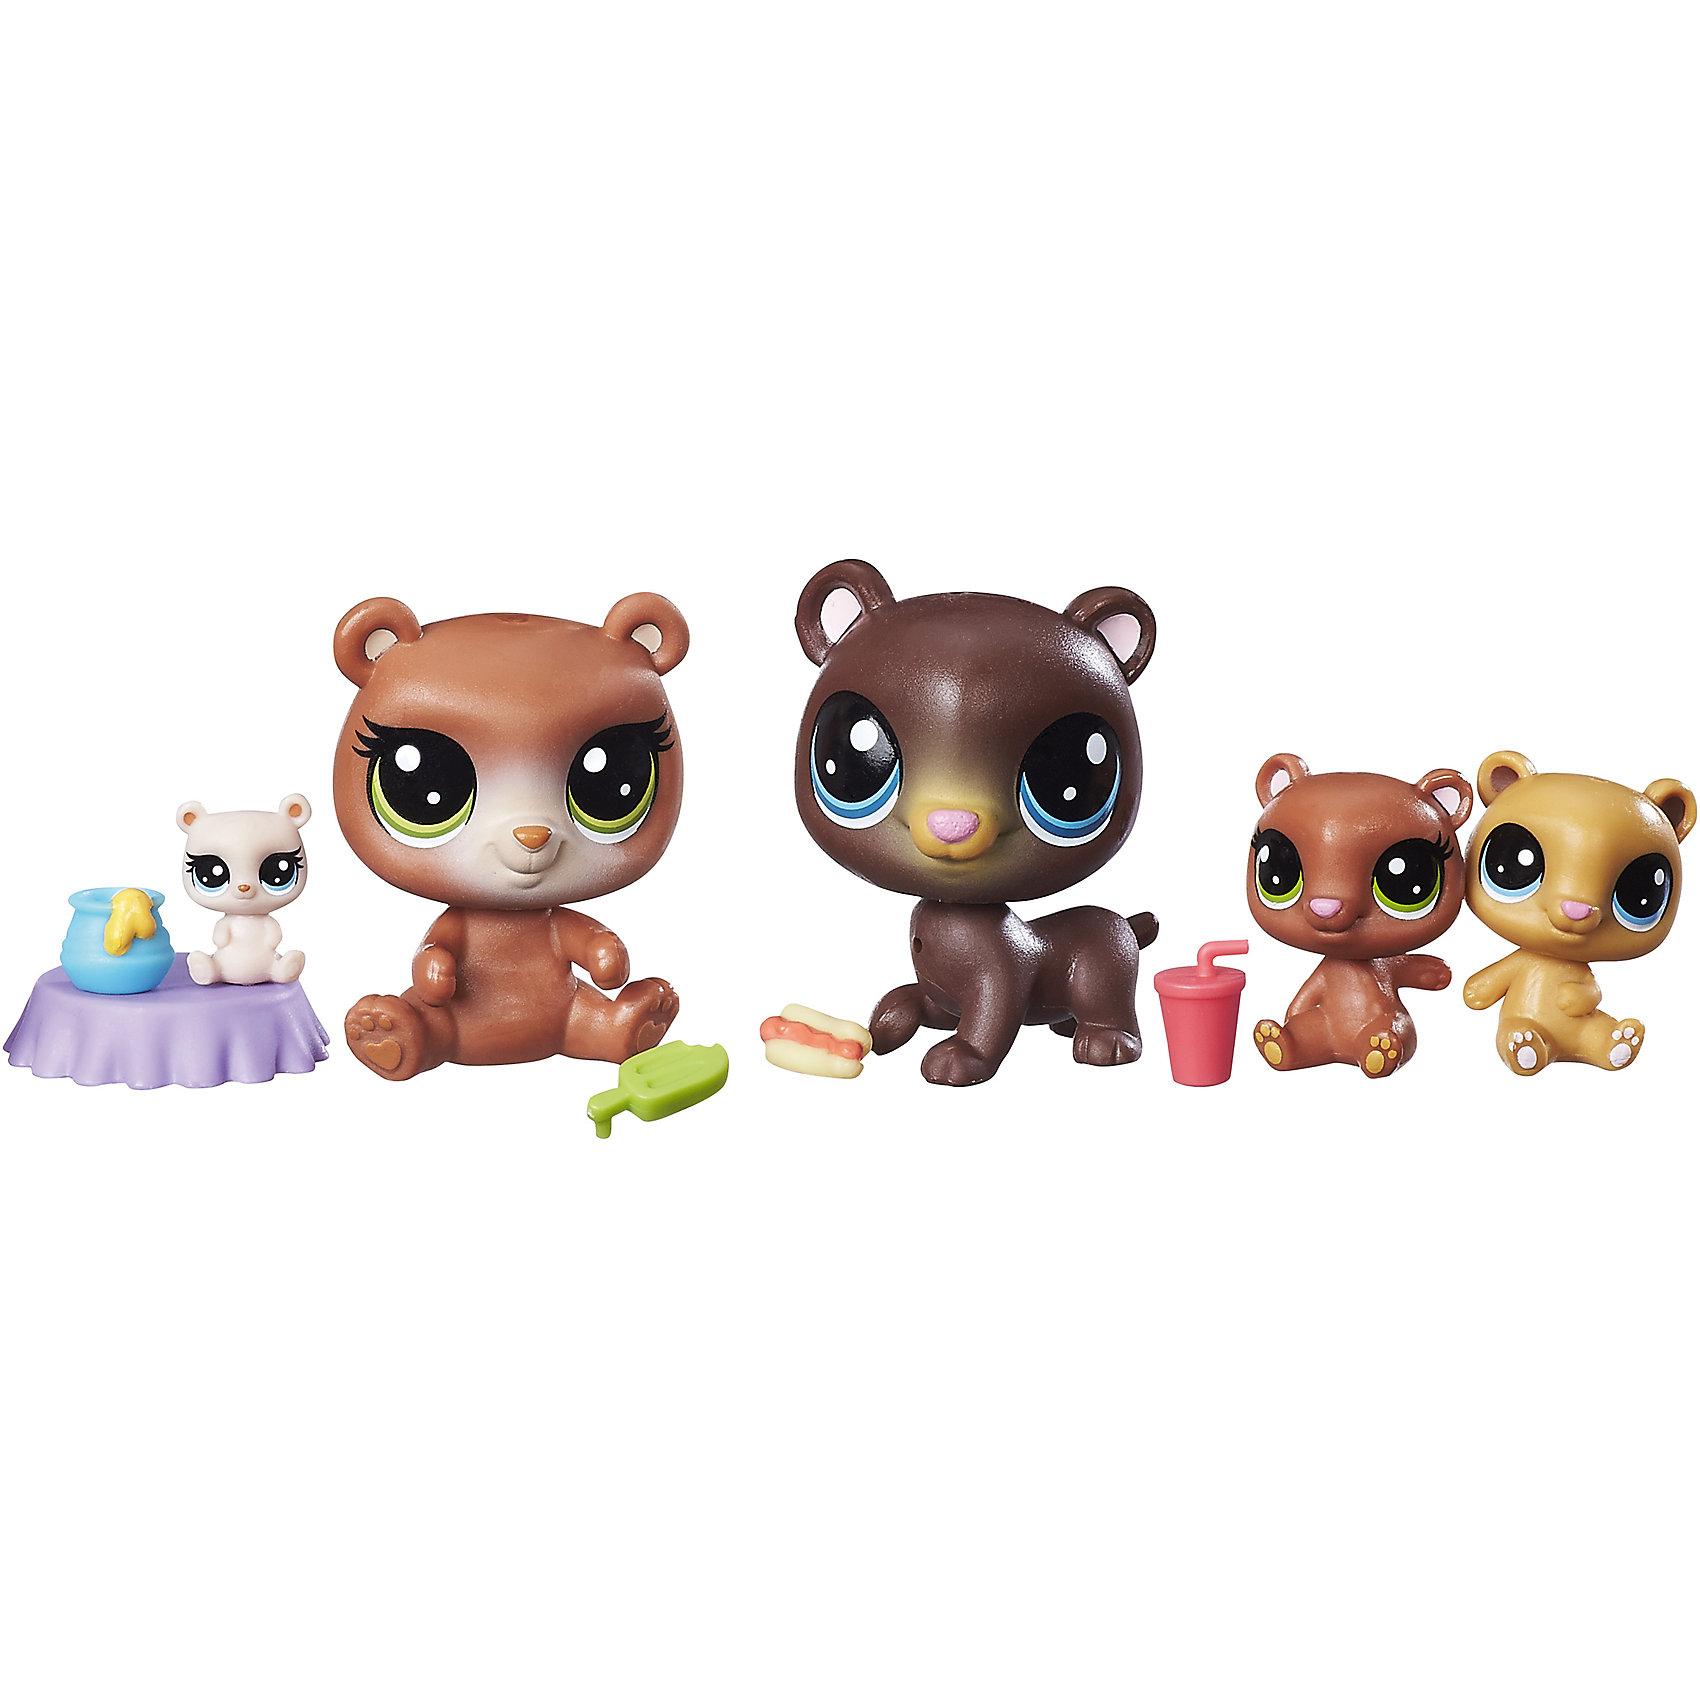 Мини-набор зверюшек, Littlest Pet ShopЛюбимые герои<br>Мини-набор зверюшек, Littlest Pet Shop<br><br>Характеристики:<br><br>- в набор входит: 2 стандартных питомца, 3 мини-питомца<br>- высота стандартного питомца: 5 см.<br>- состав: пластик<br>- для детей в возрасте: от 4 до 10 лет<br>- Страна производитель: Китай<br><br>Знаменитые питомцы Littlest Pet Shop (Литтлест Пэт Шоп) от известного американского бренда товаров для детей Hasbro (Хасбро) получили новый набор с семьей медведей! Бурые мама и папа медведи со своими тремя очаровательными медвежатами приведут в восторг всех любителей мишек. Медведь и медведица представлены в стандартном размере питомцев. Игривые медвежата разных оттенков коричневого выглядят особенно мило благодаря своим большим отлично прорисованным глазкам. Самый маленький медвежонок сидит на небольшом столике с медом. В набор входят небольшие аксессуары в виде еды, которую очень любят мишки. <br><br>Соберите всех питомцев из Littlest Pet Shop (Литтлест Пэт Шоп) и никогда с ними не расставайтесь! Набор отлично подойдет как для игры дома, так и для игр в поездке. Все детали изготовлены из высококачественного пластика. Играя с этим набором ребенок сможет развивать социальные навыки, развивать воображение и творческие способности. <br><br>Мини-набор зверюшек, Littlest Pet Shop можно купить в нашем интернет-магазине.<br><br>Ширина мм: 38<br>Глубина мм: 216<br>Высота мм: 203<br>Вес г: 160<br>Возраст от месяцев: 48<br>Возраст до месяцев: 120<br>Пол: Женский<br>Возраст: Детский<br>SKU: 5385709